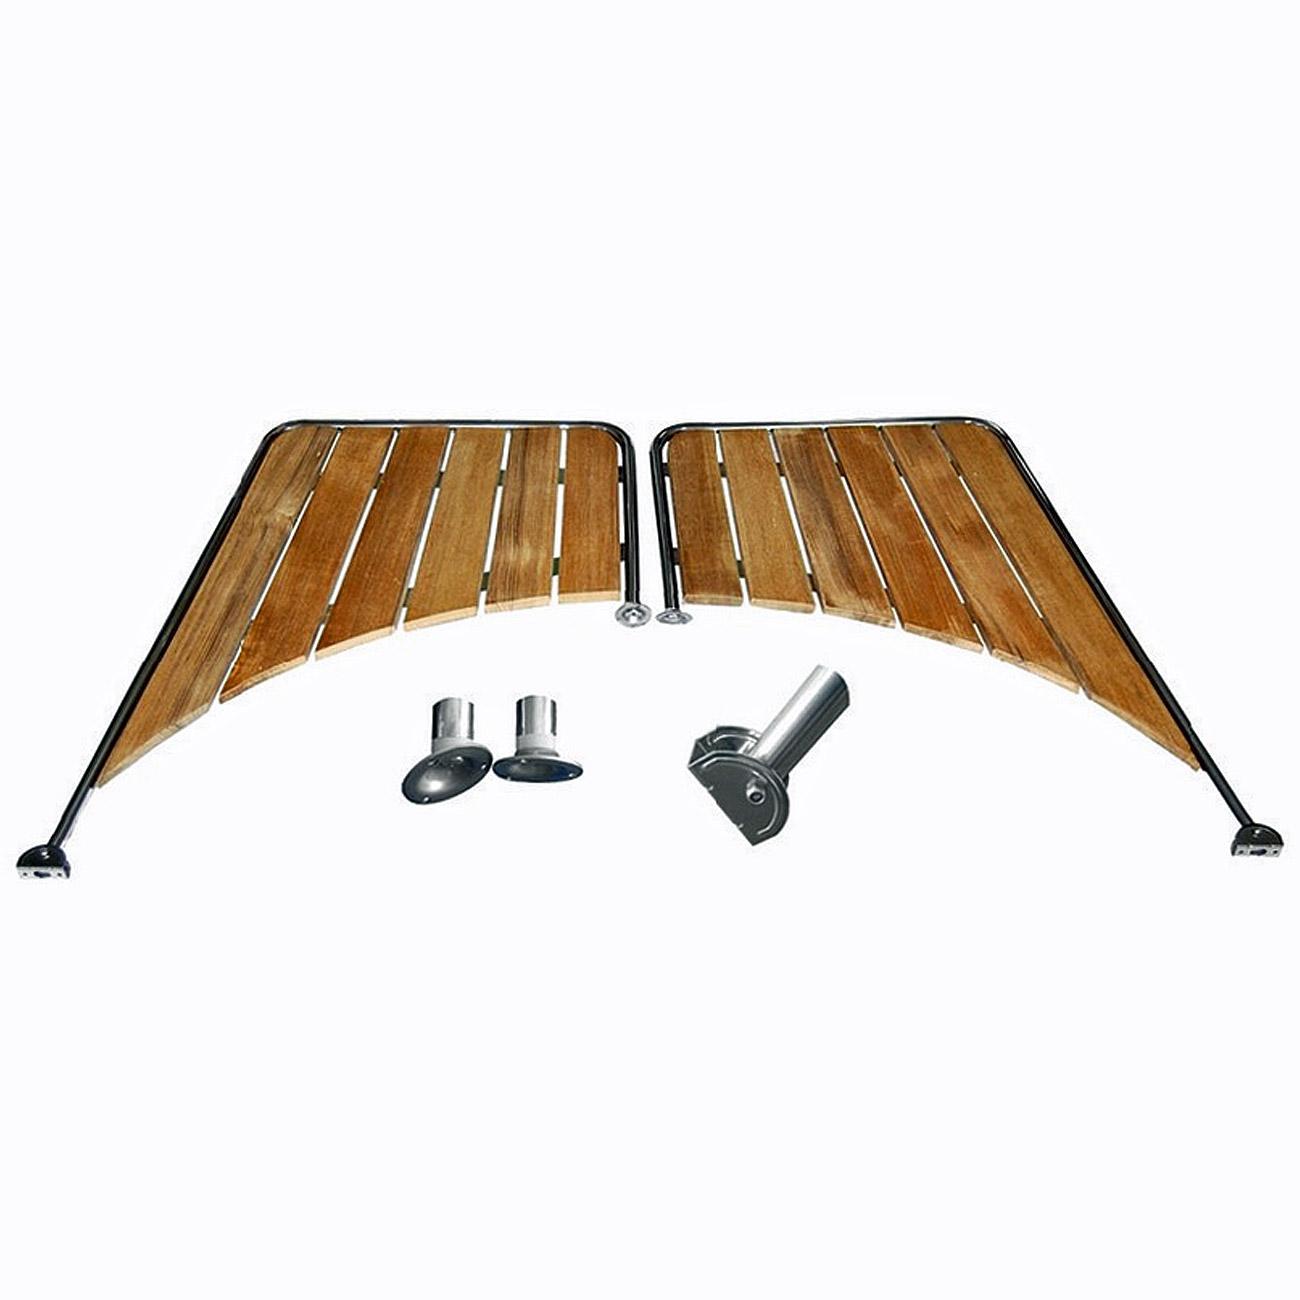 Osculati Edelstahl Badeplattform für rundes Heck 530x430x885mm